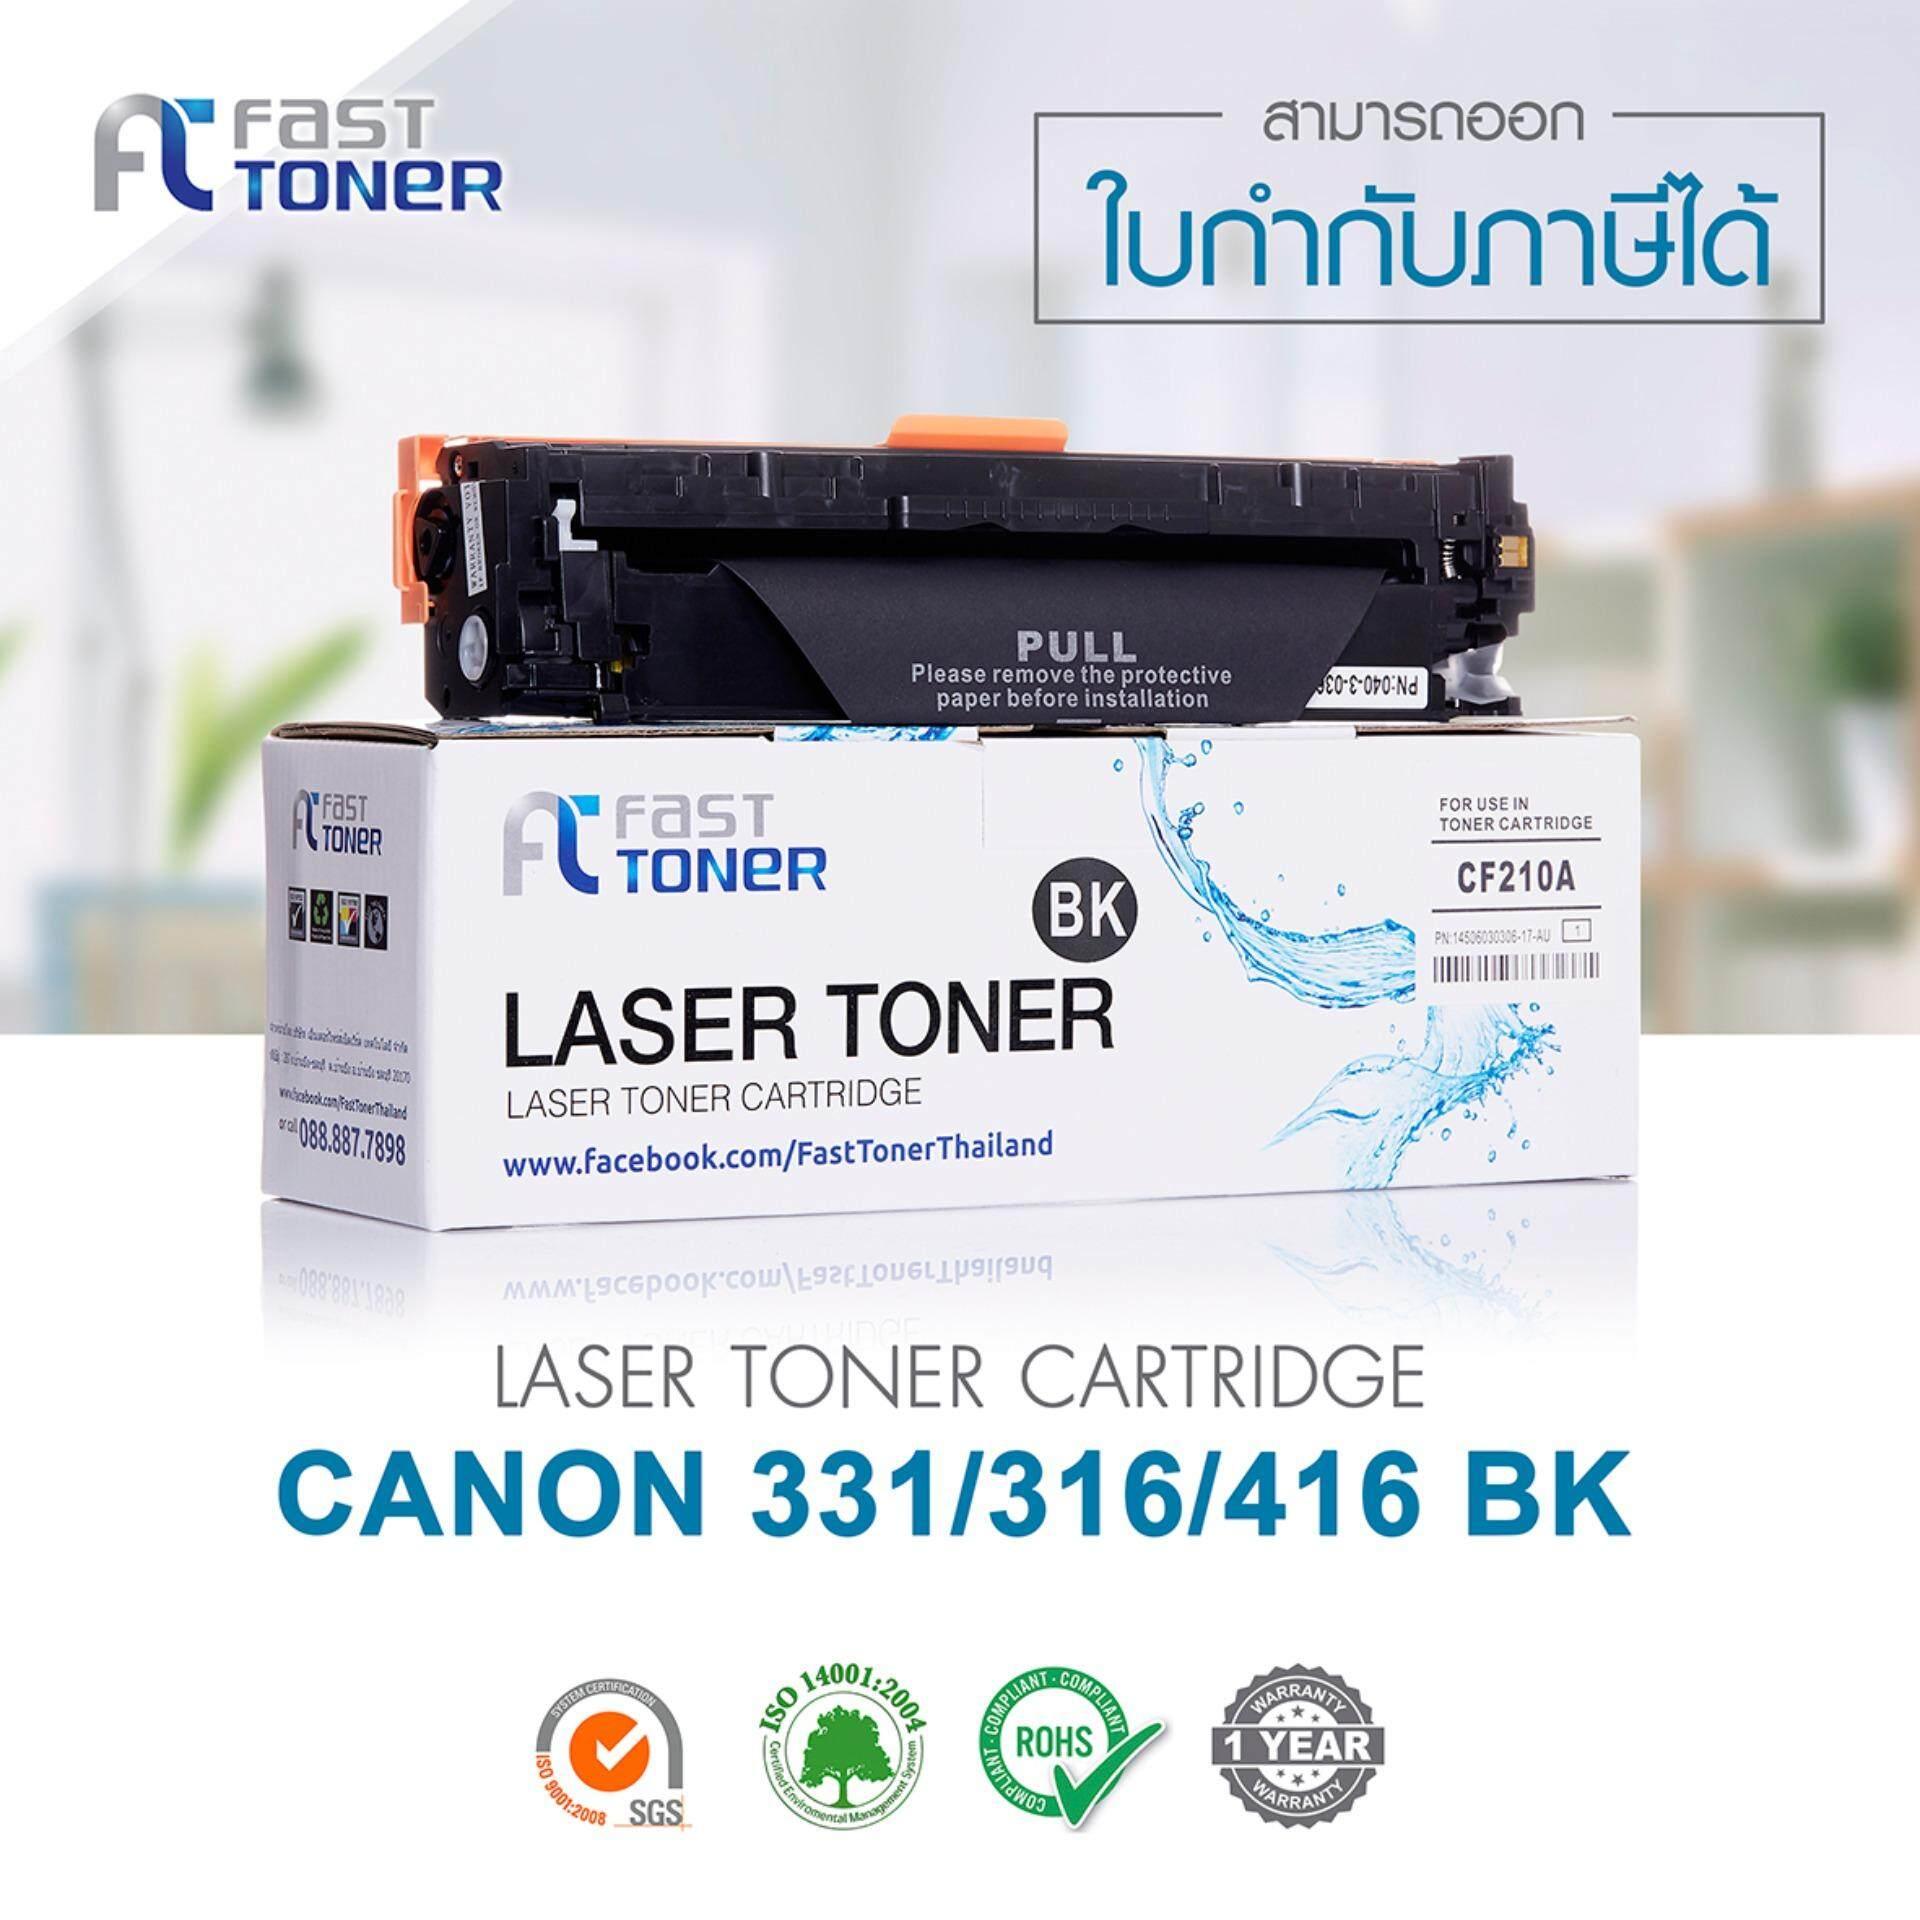 โปรโมชั่น Fast Toner Canon ตลับหมึกพิมพ์เลเซอร์ Canon Cartridge 331 316 416 Black กรุงเทพมหานคร